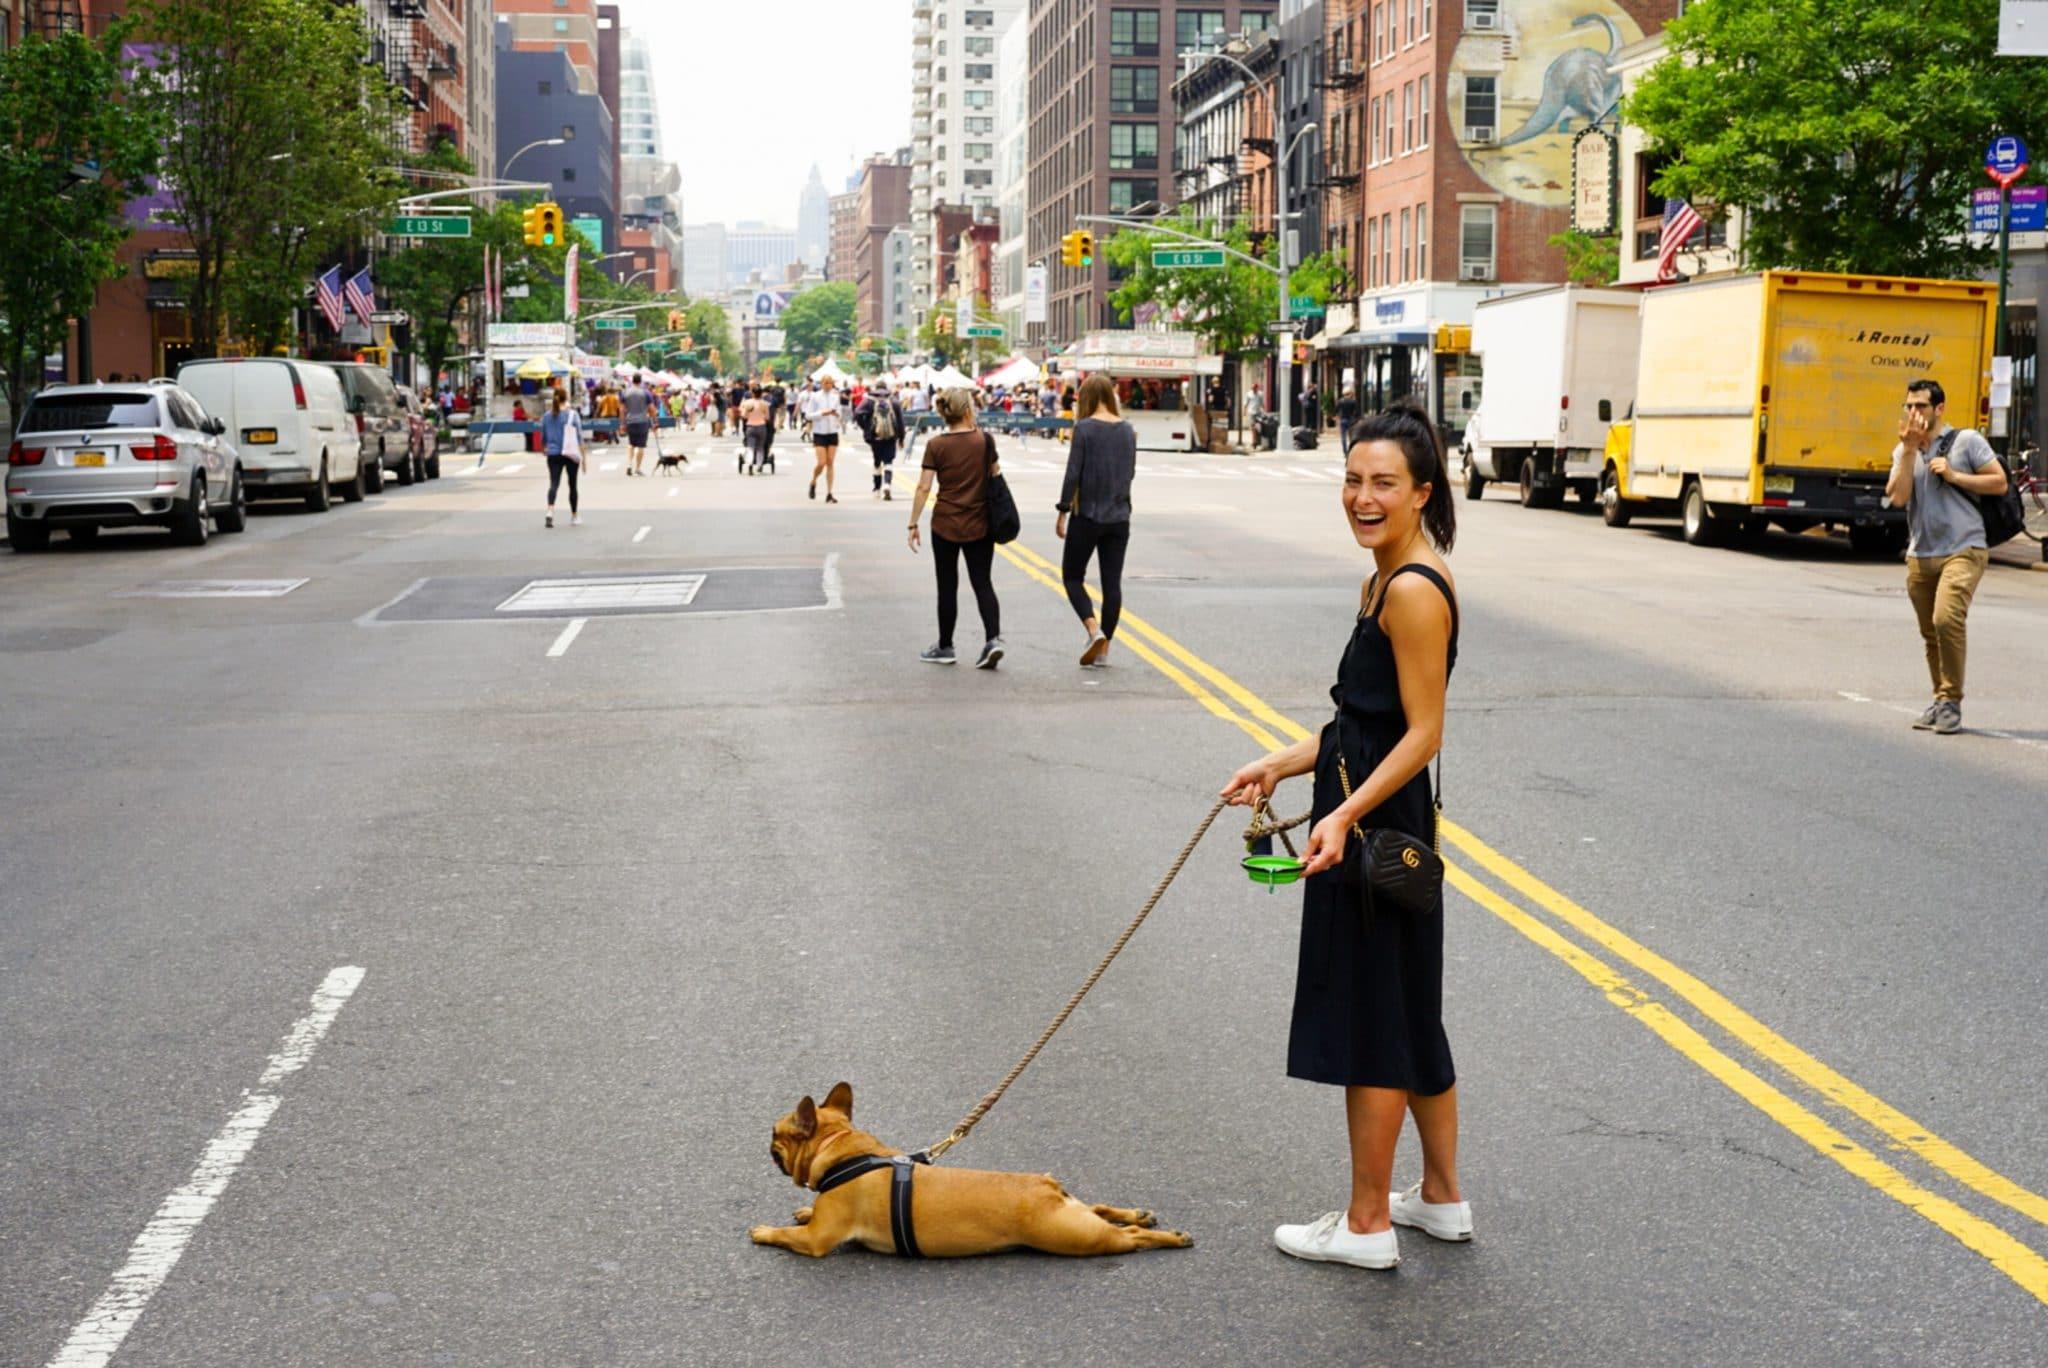 יום כיפור בטוח עם כלבים